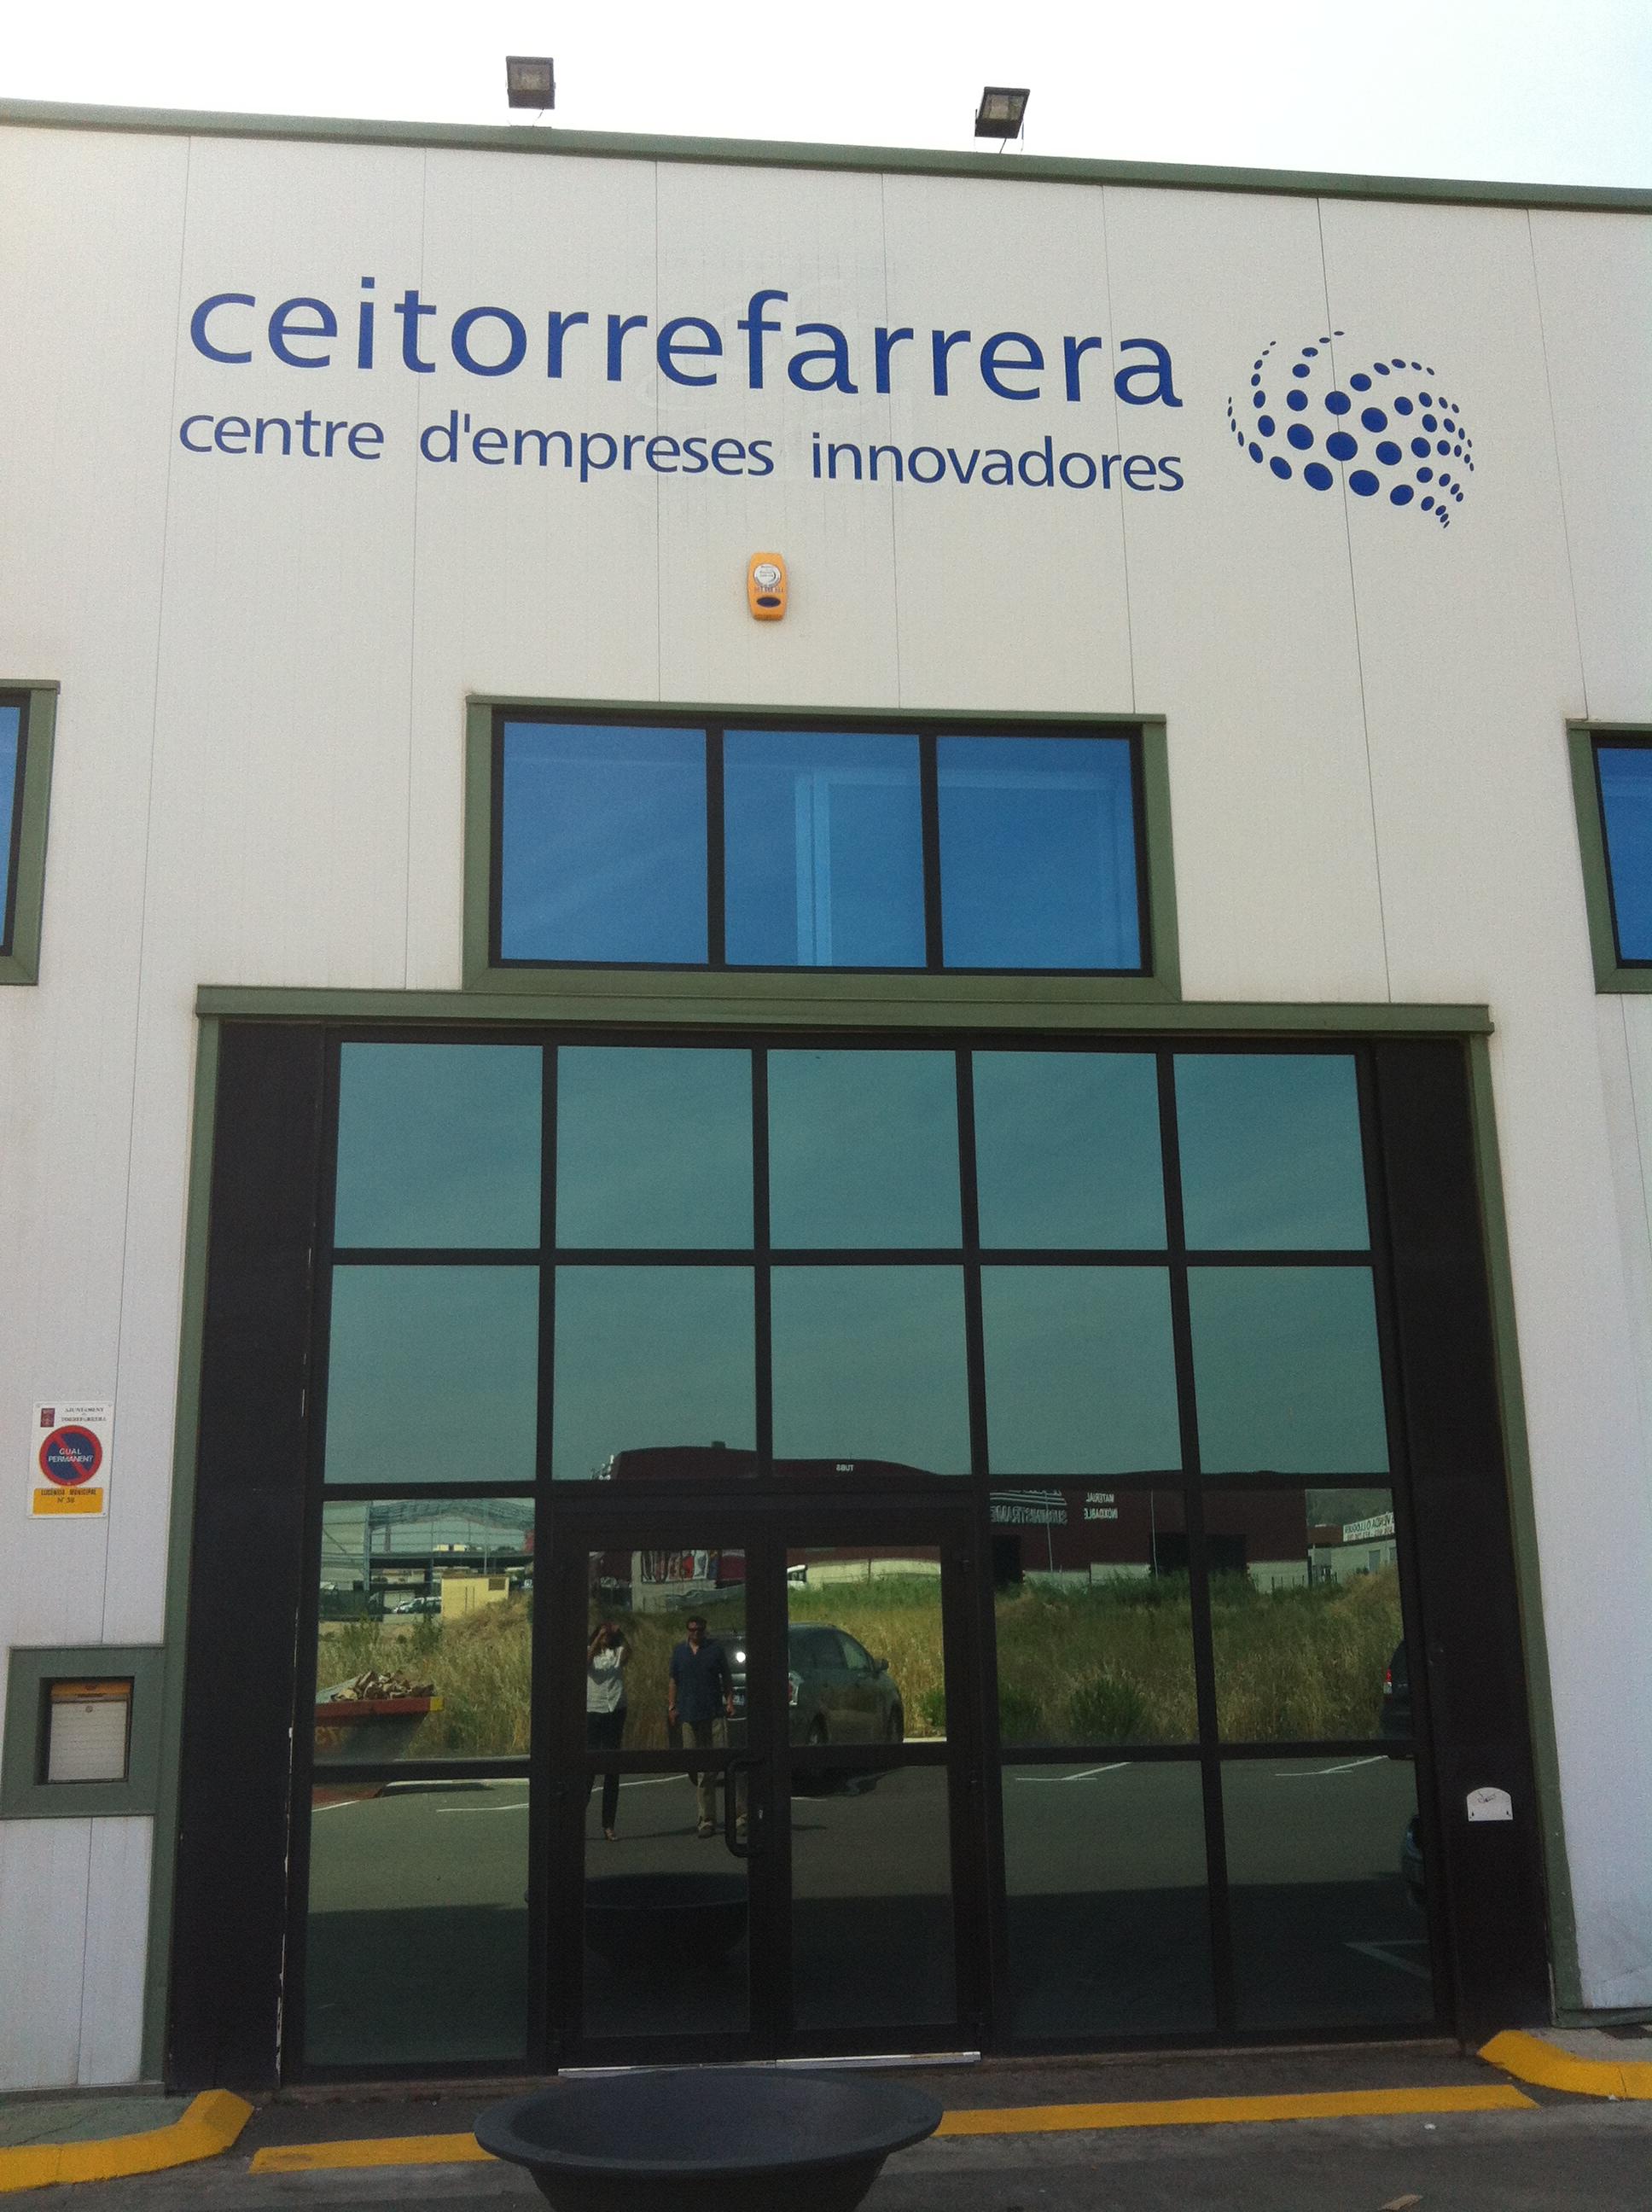 Seminari de Creació d'Empreses Innovadores al CEI Torrefarrera